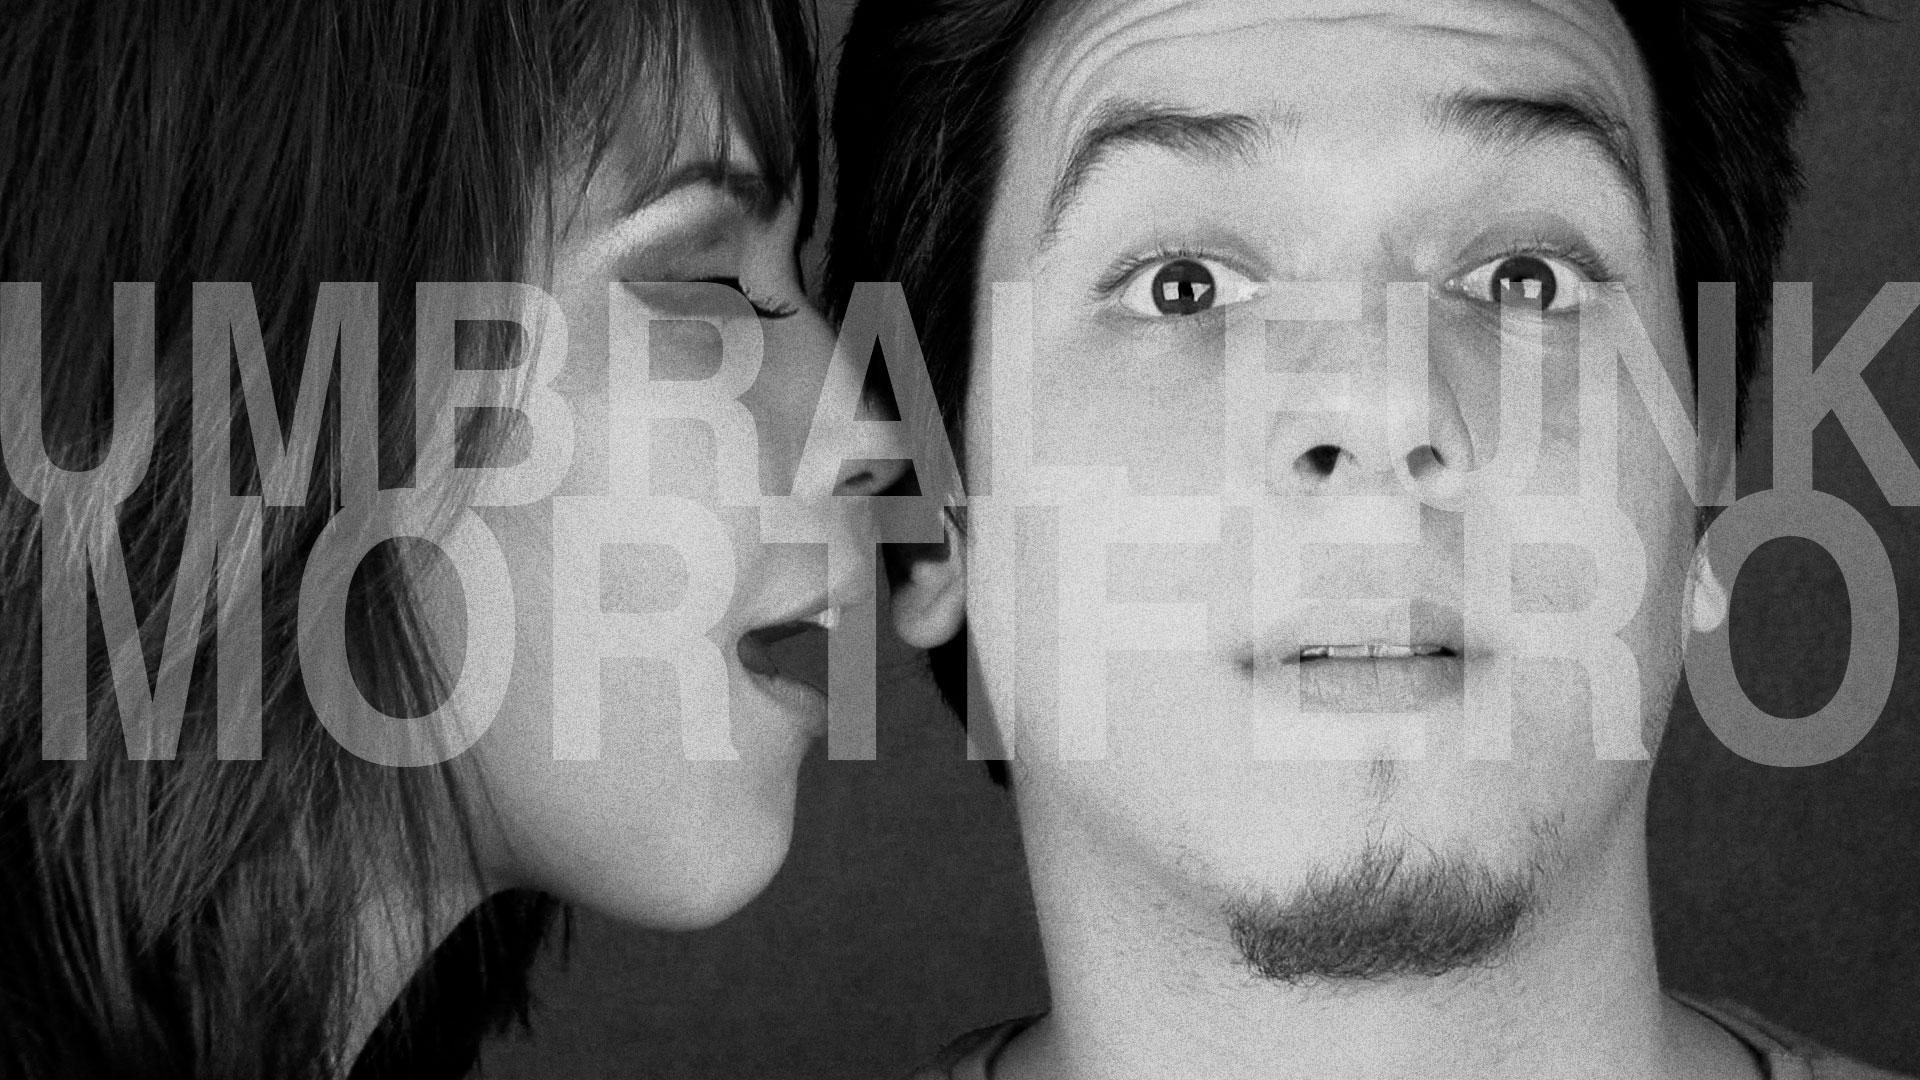 Umbral Funk – Mortifero